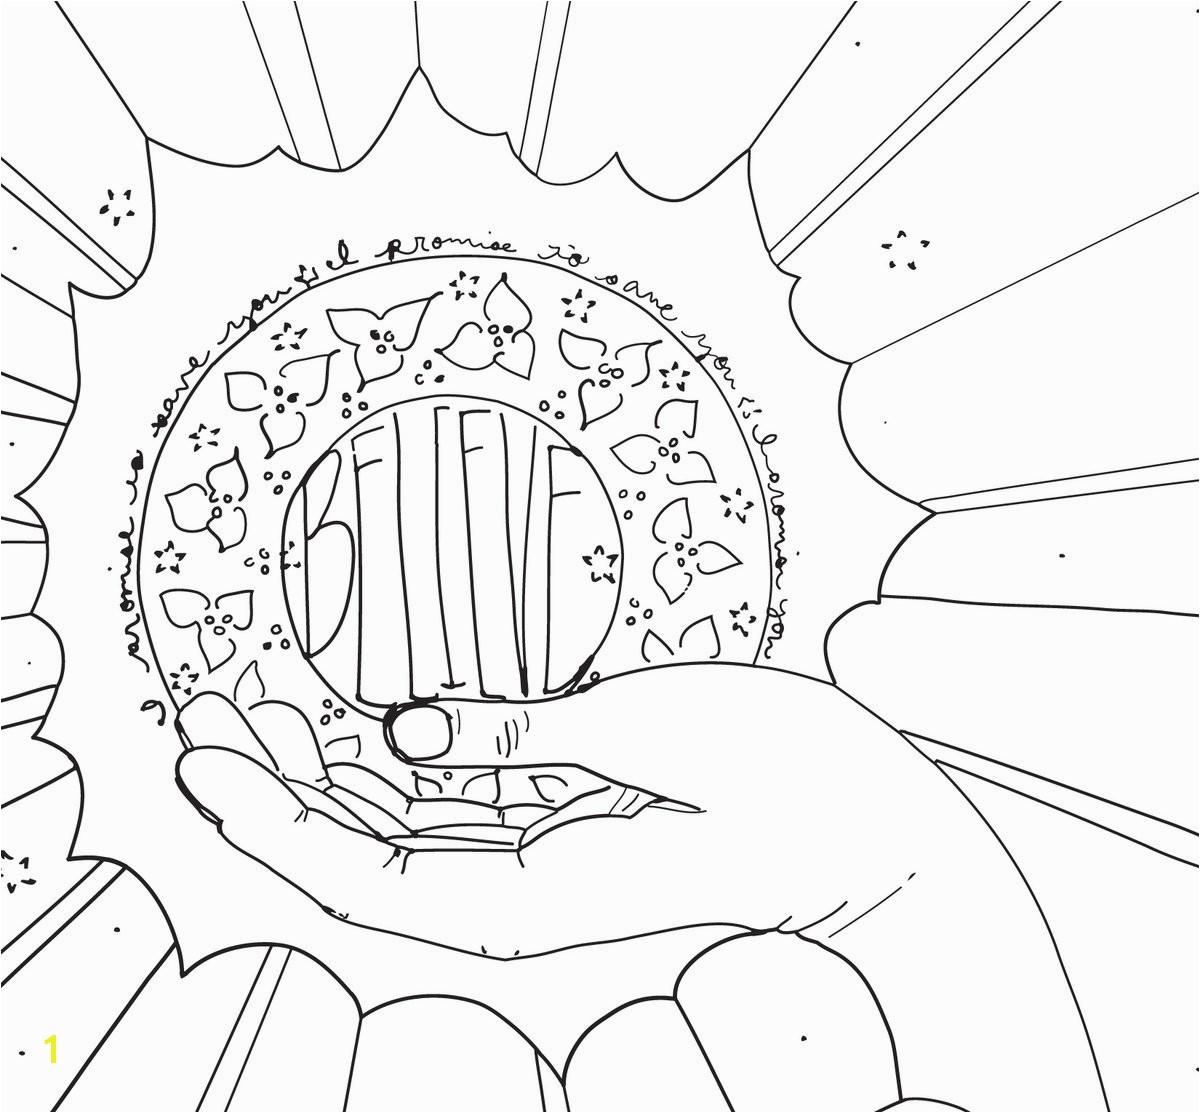 Sermons4kids Coloring Pages Best Es Tut Uns Leid Coloring Pages Image